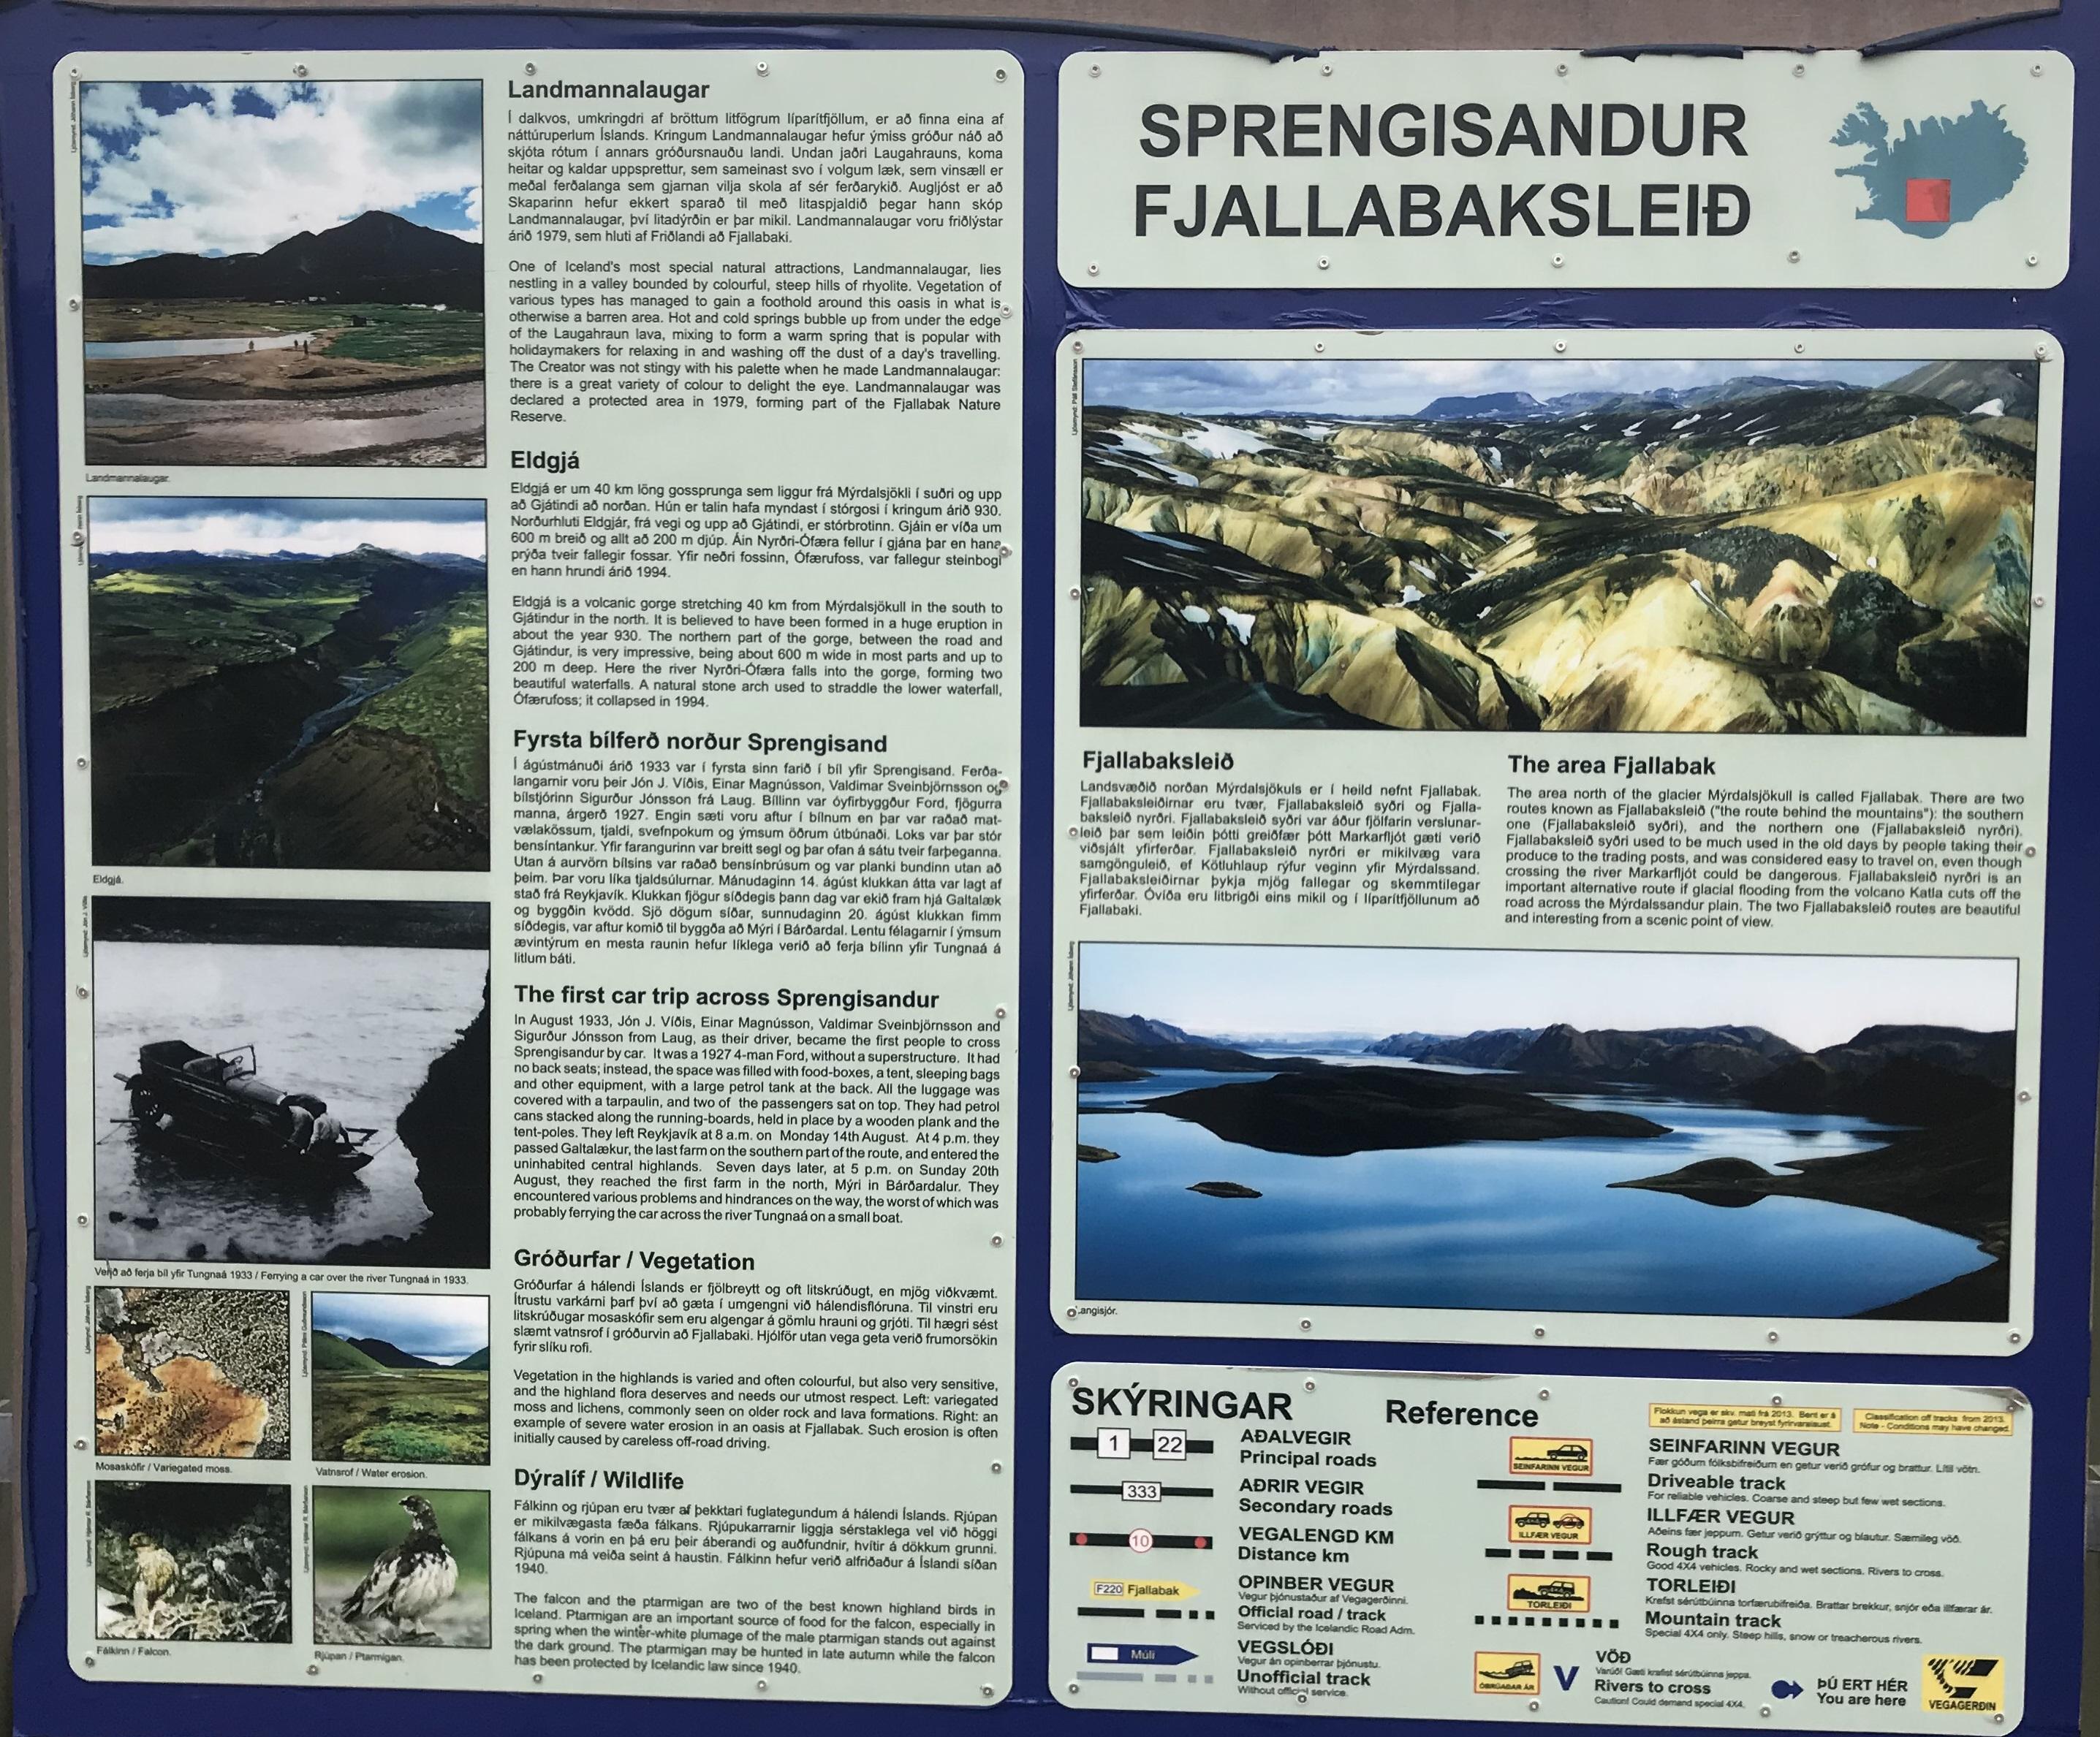 Landmannalaugar Base Camp